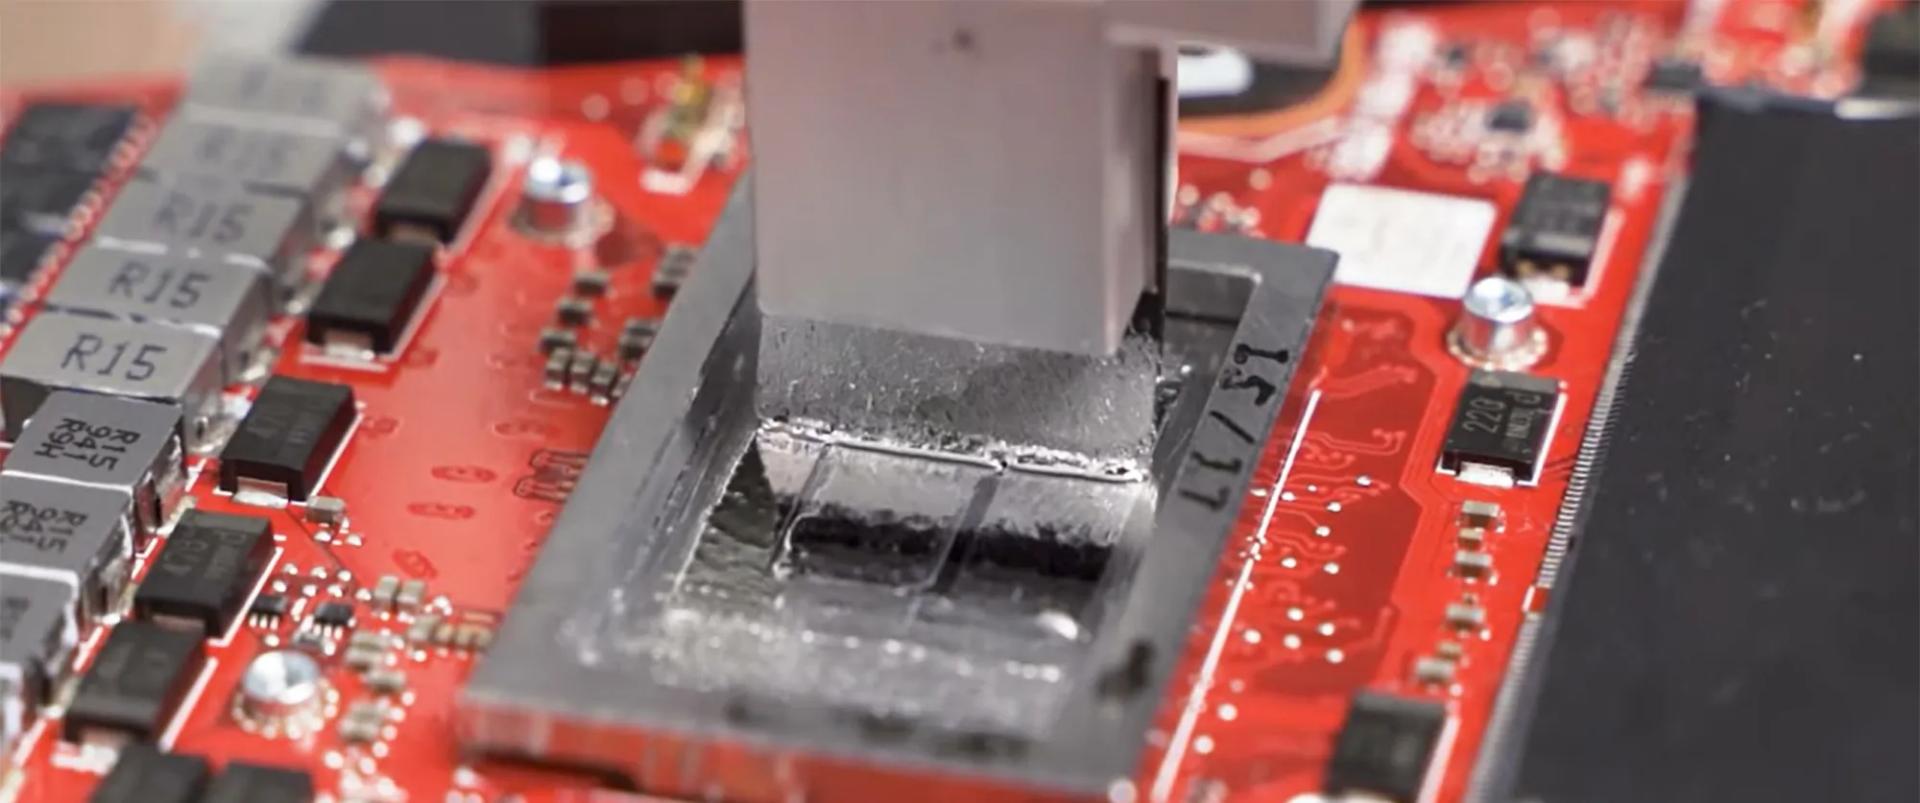 Жидкий металл наносится специальным станком при помощи силиконовой кисти.